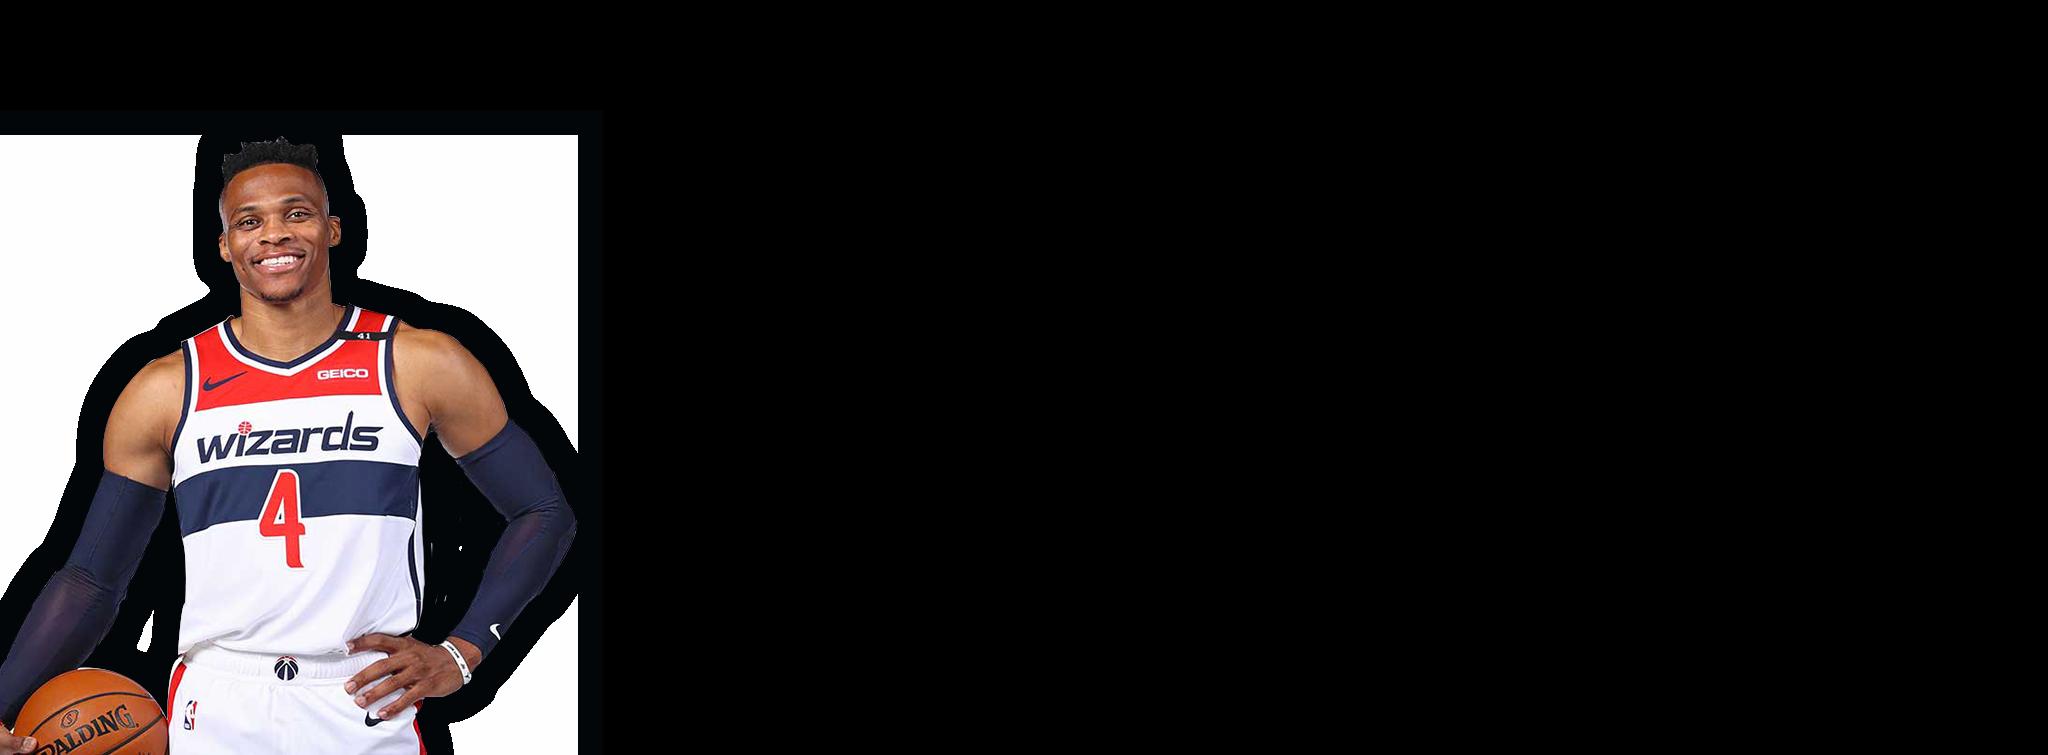 giocatorejordan